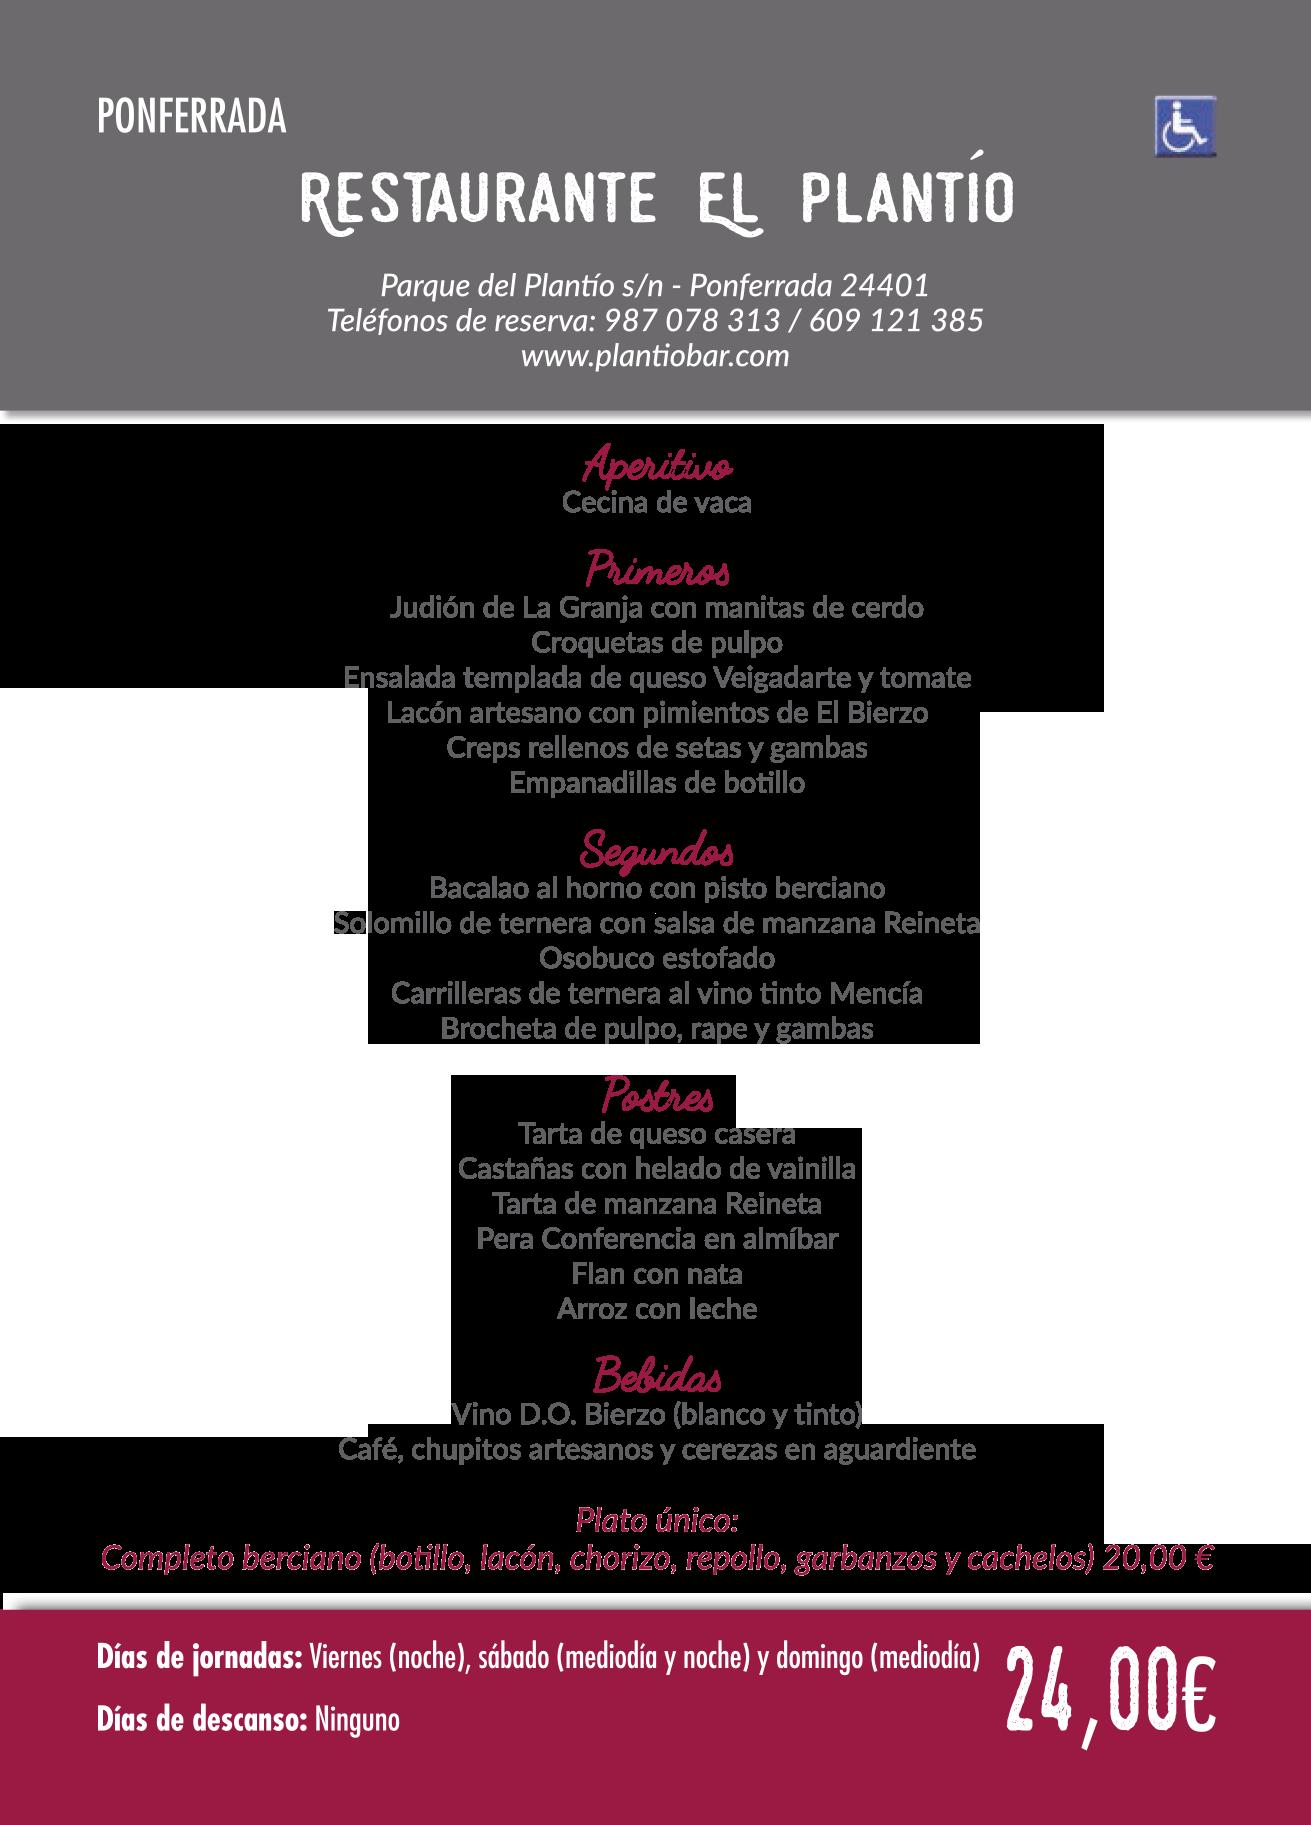 Las Jornadas Gastronómicas del Bierzo llegan a su 35 edición. Consulta los menús de esta edición 15